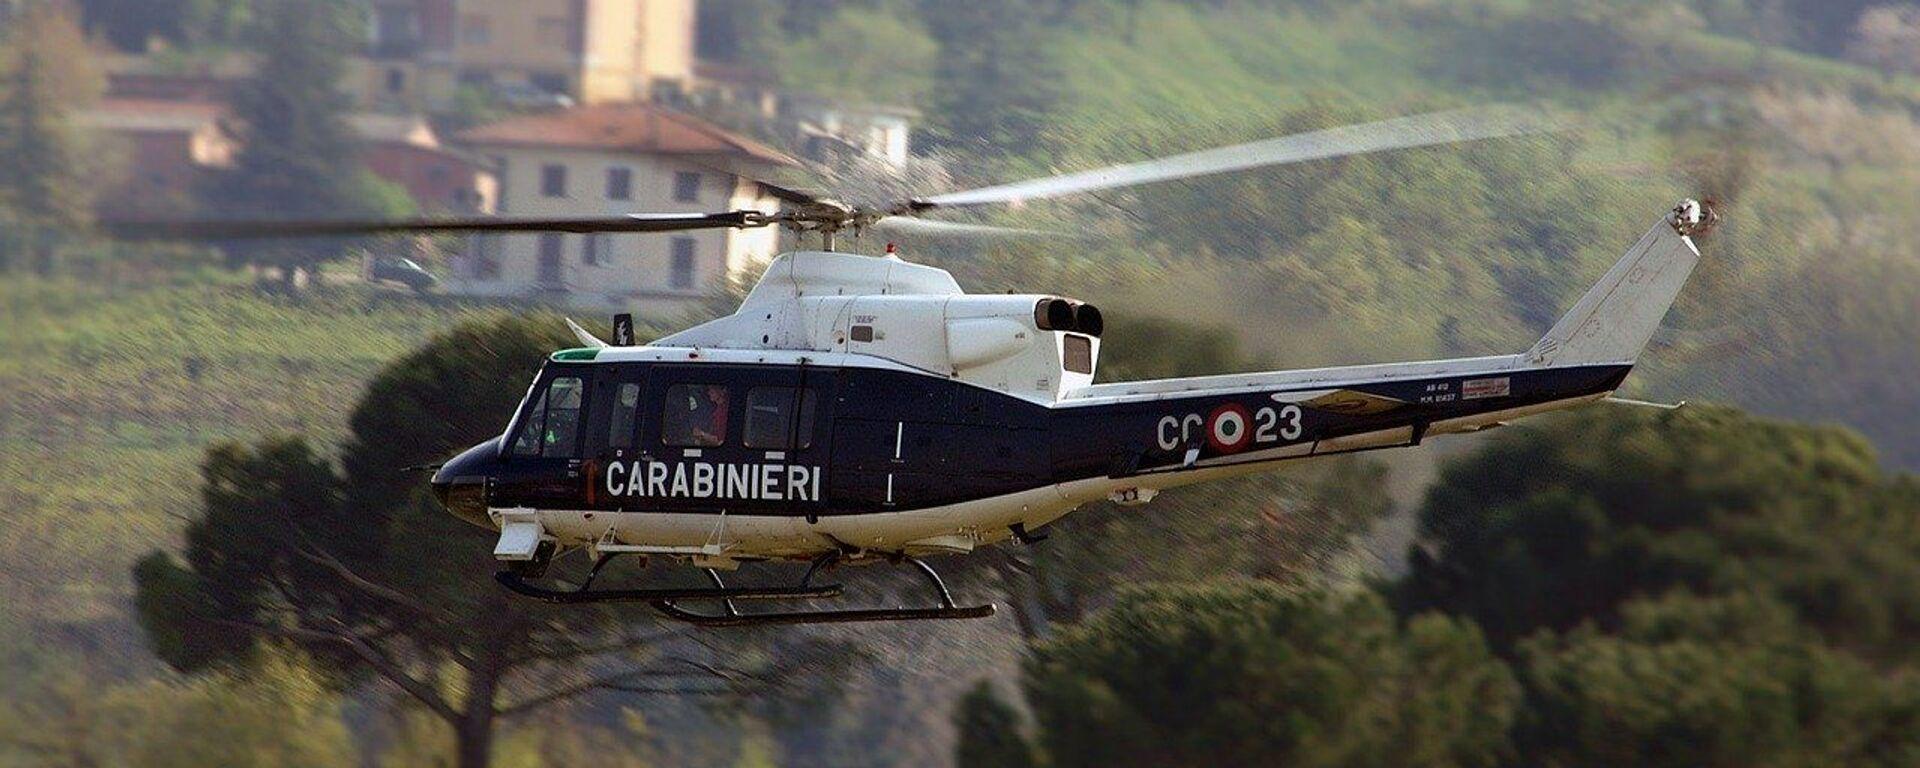 Elicottero Carabinieri - Sputnik Italia, 1920, 23.06.2021